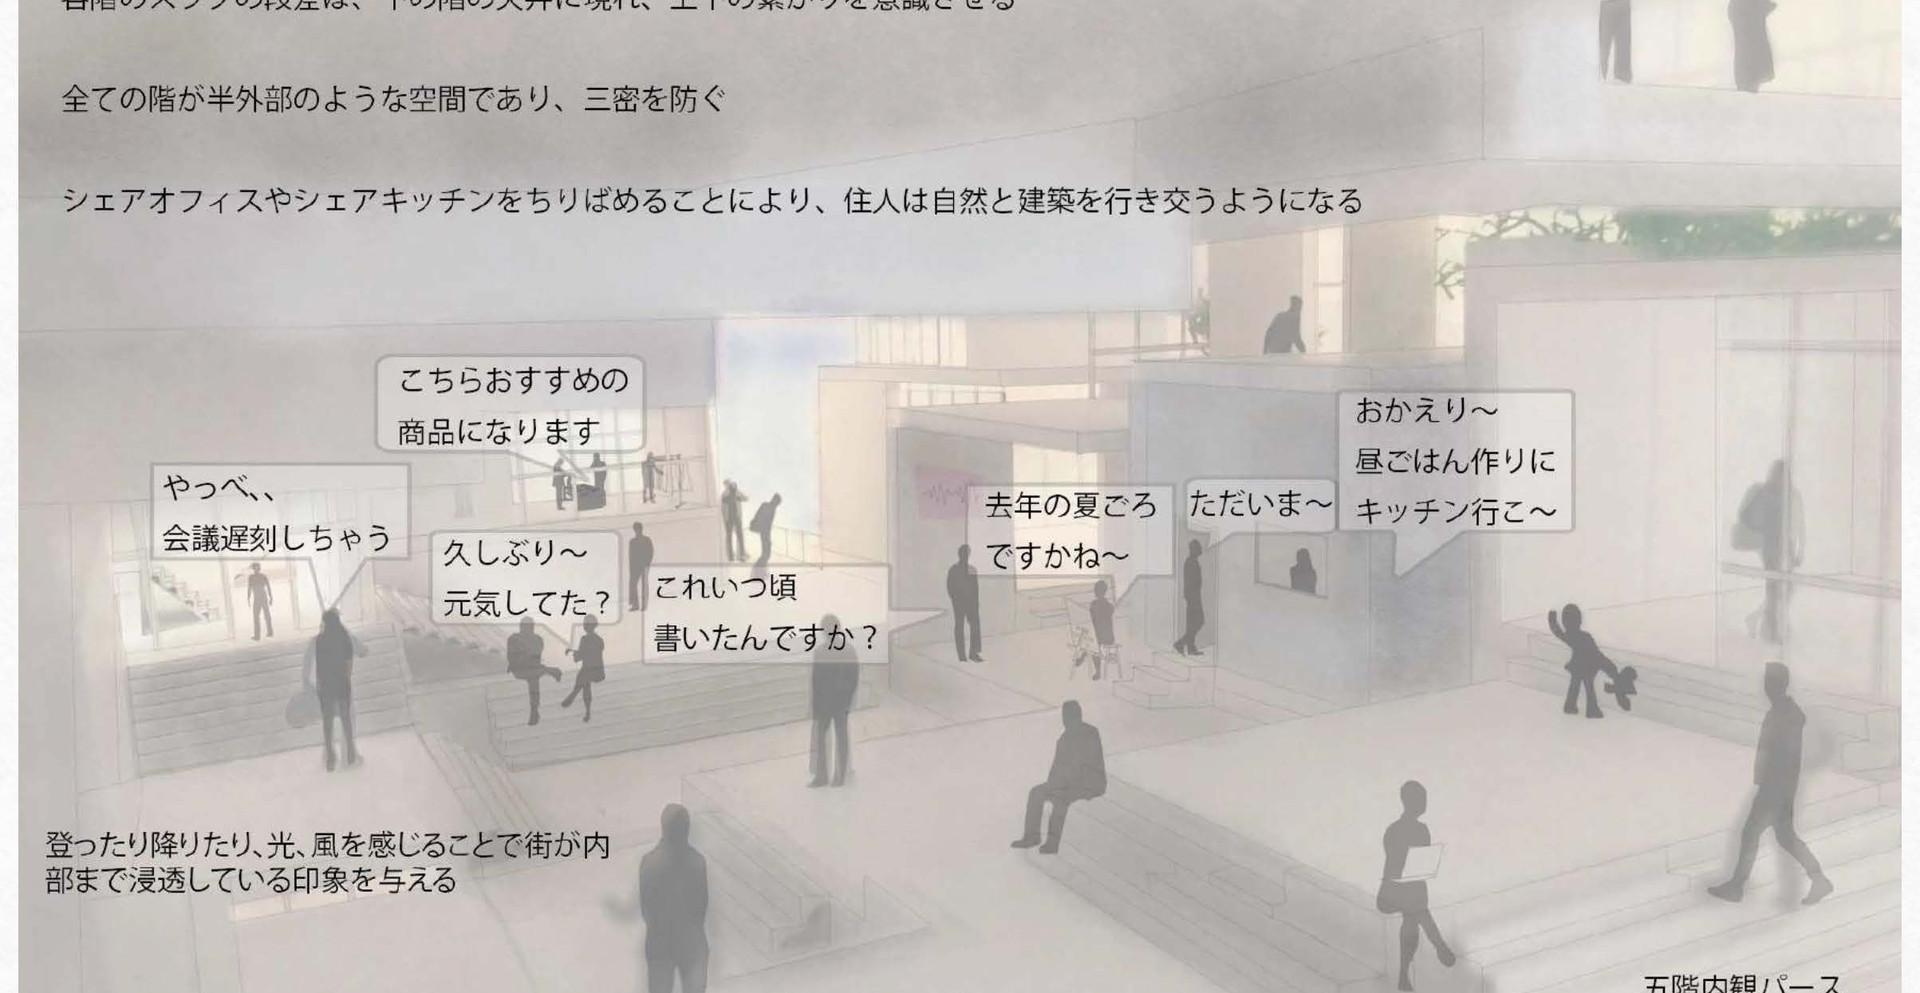 ハウジング web 表紙_compressed_ページ_12.jpg